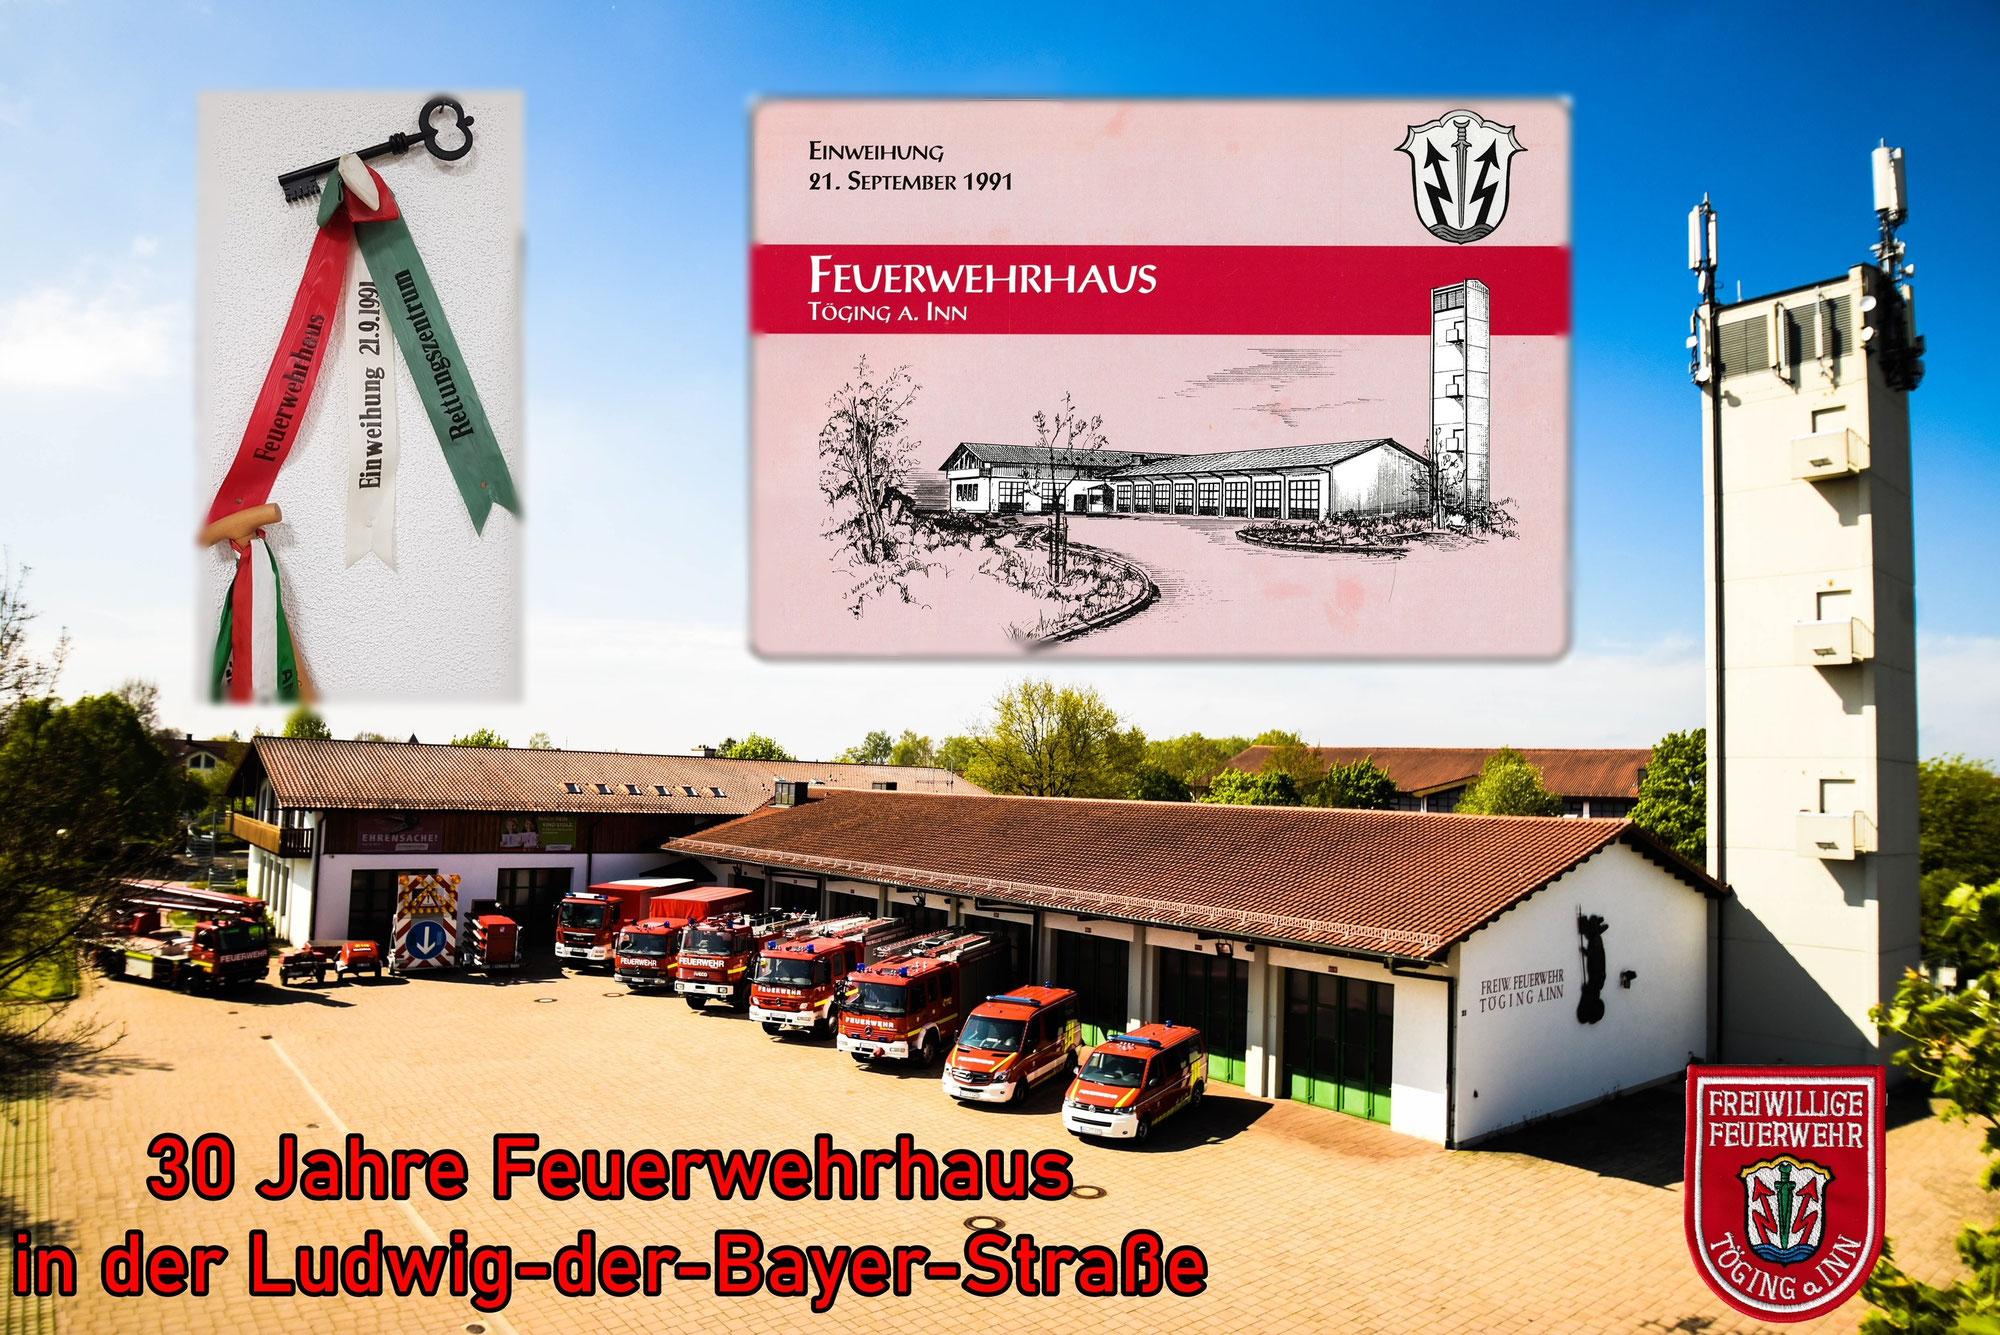 30 Jahre Feuerwehrhaus - Ludwig-der-Bayer-Str.